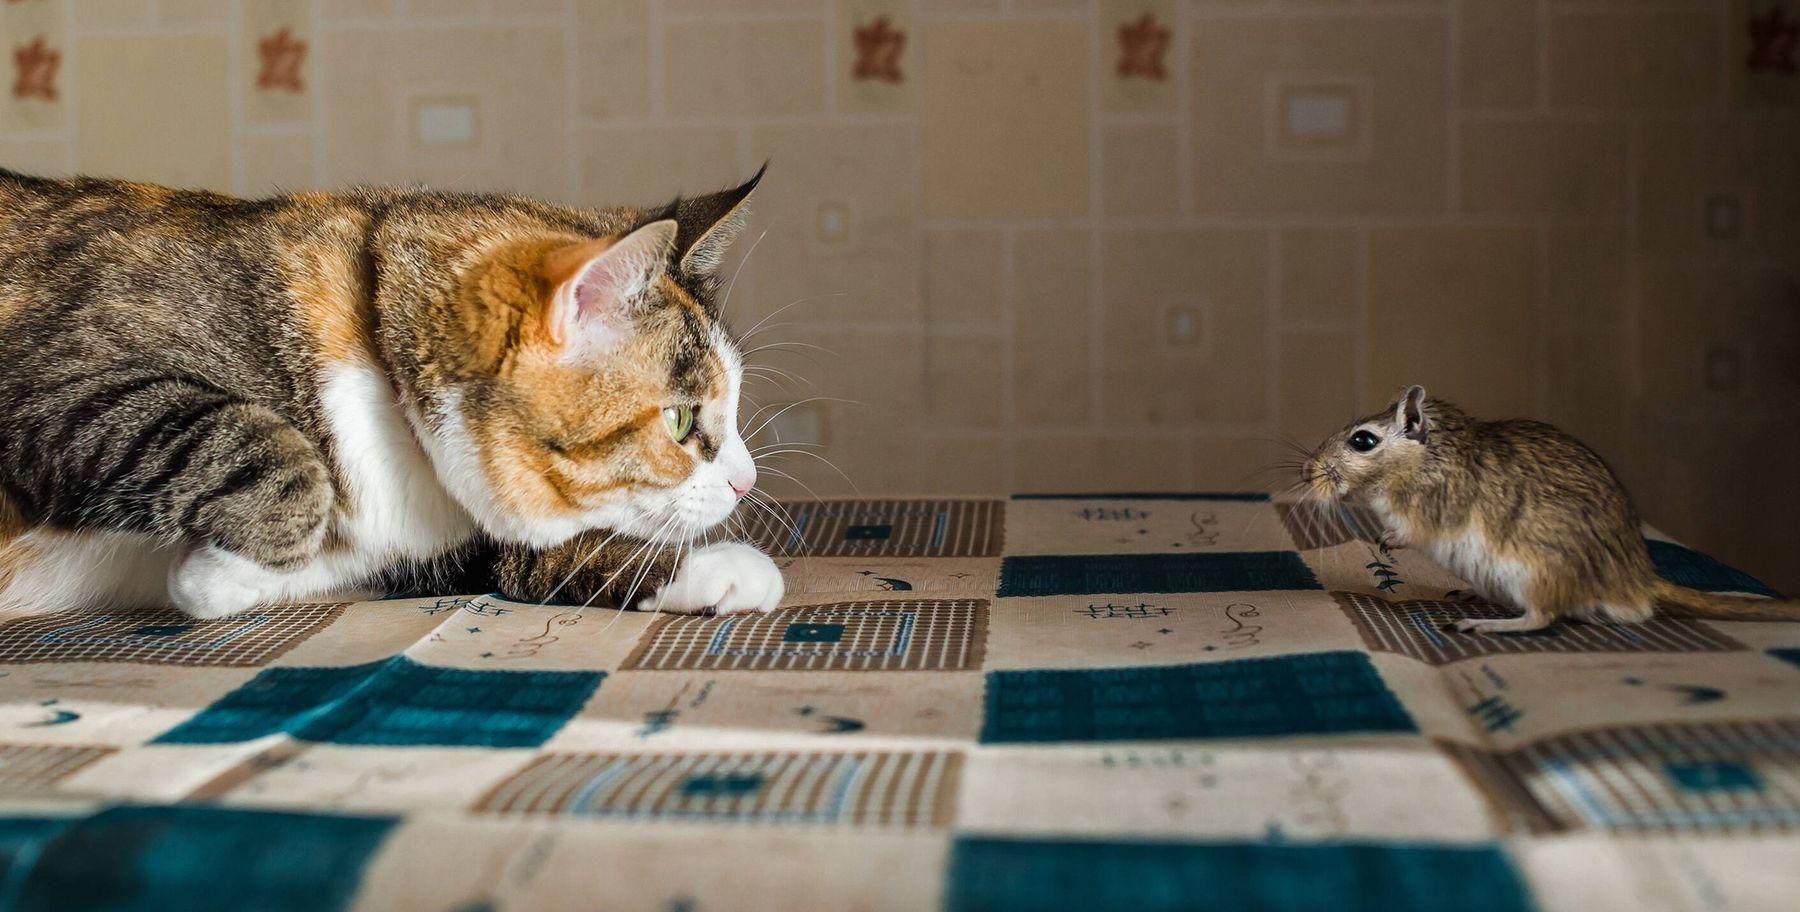 Nuôi mèo là cách đuổi diệt chuột hiệu quả nhất